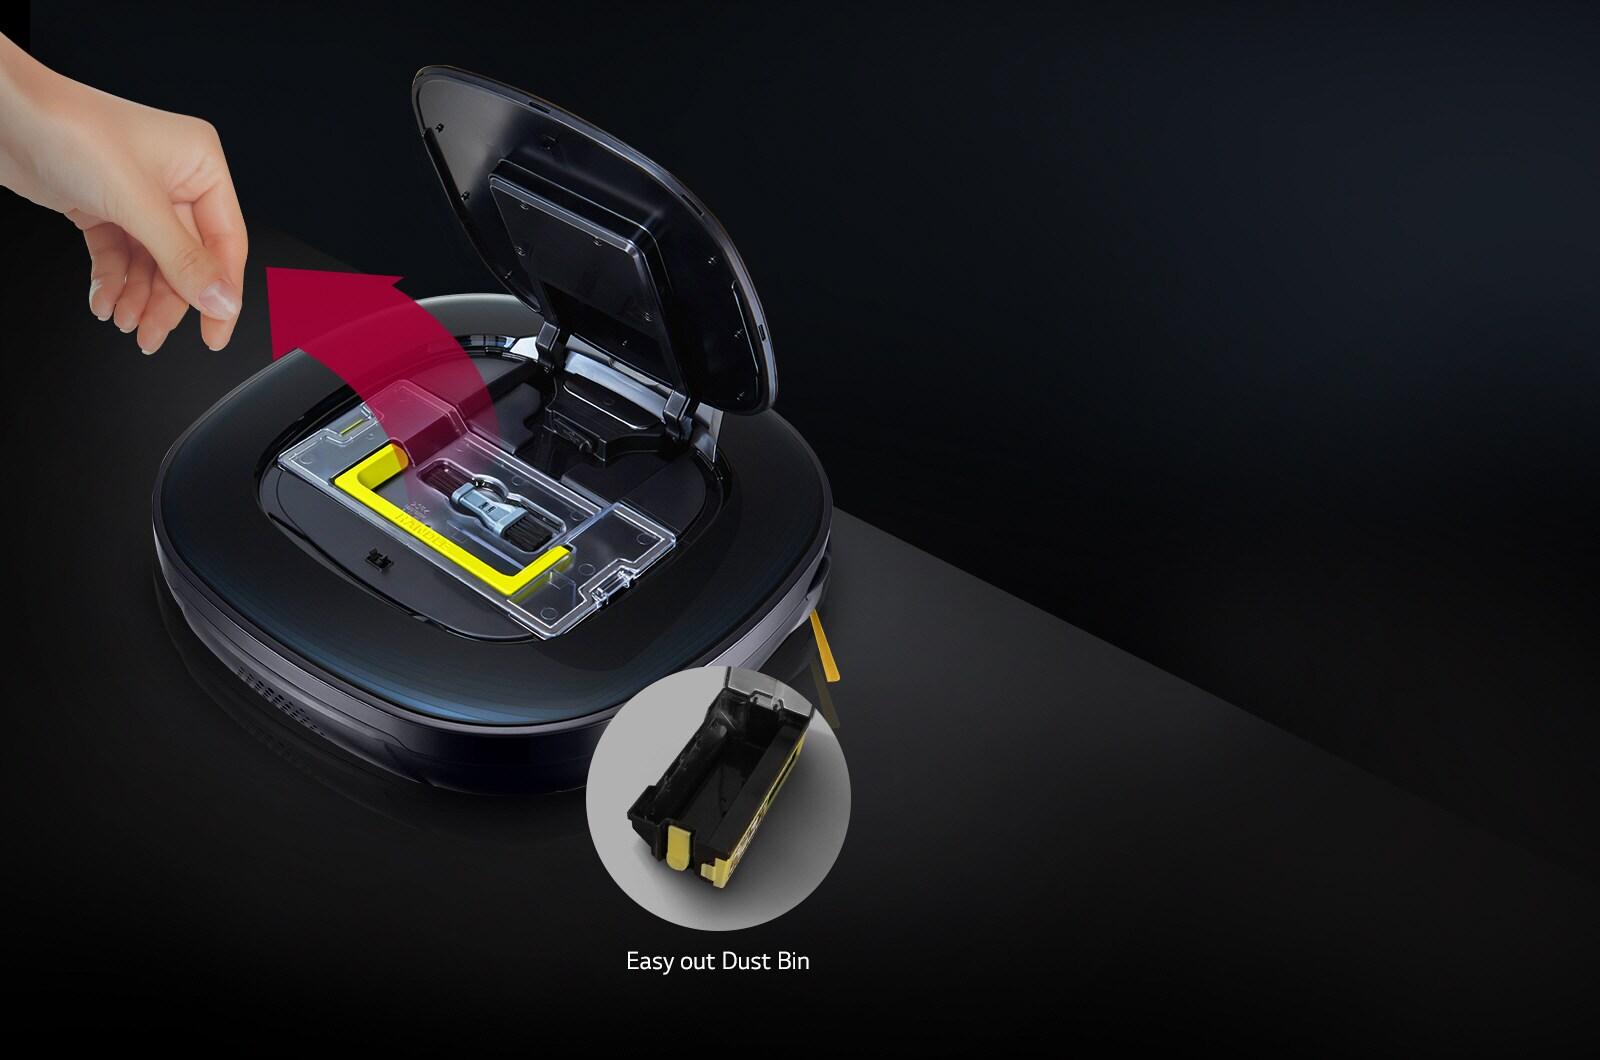 Easy-out Dust Bin